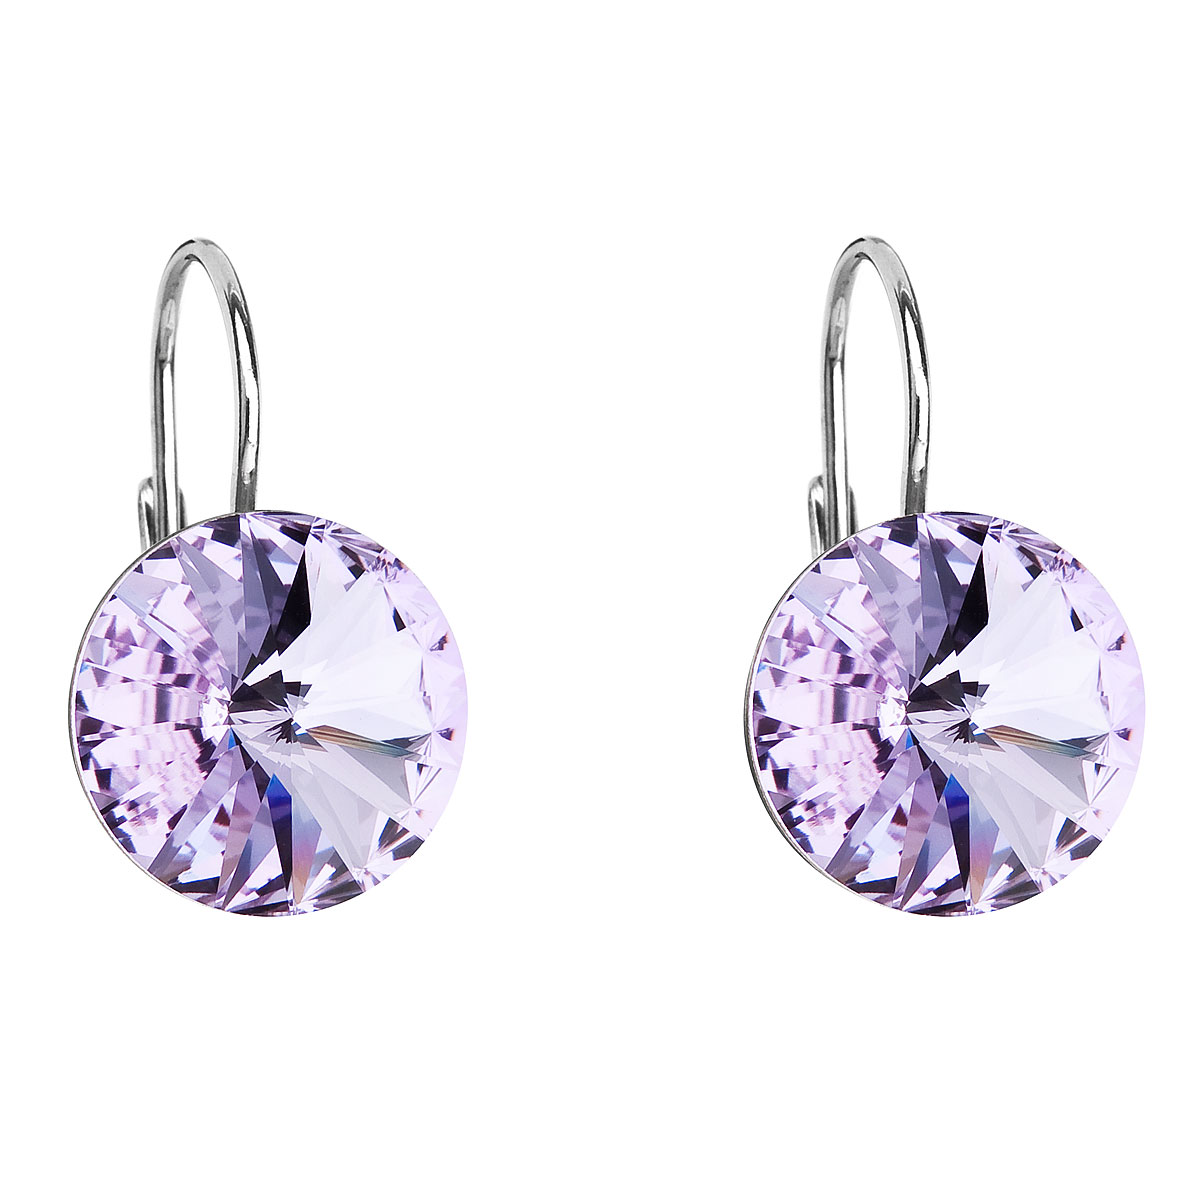 Strieborné náušnice visiace s krištálmi Swarovski fialové okrúhle 31106.3 violet